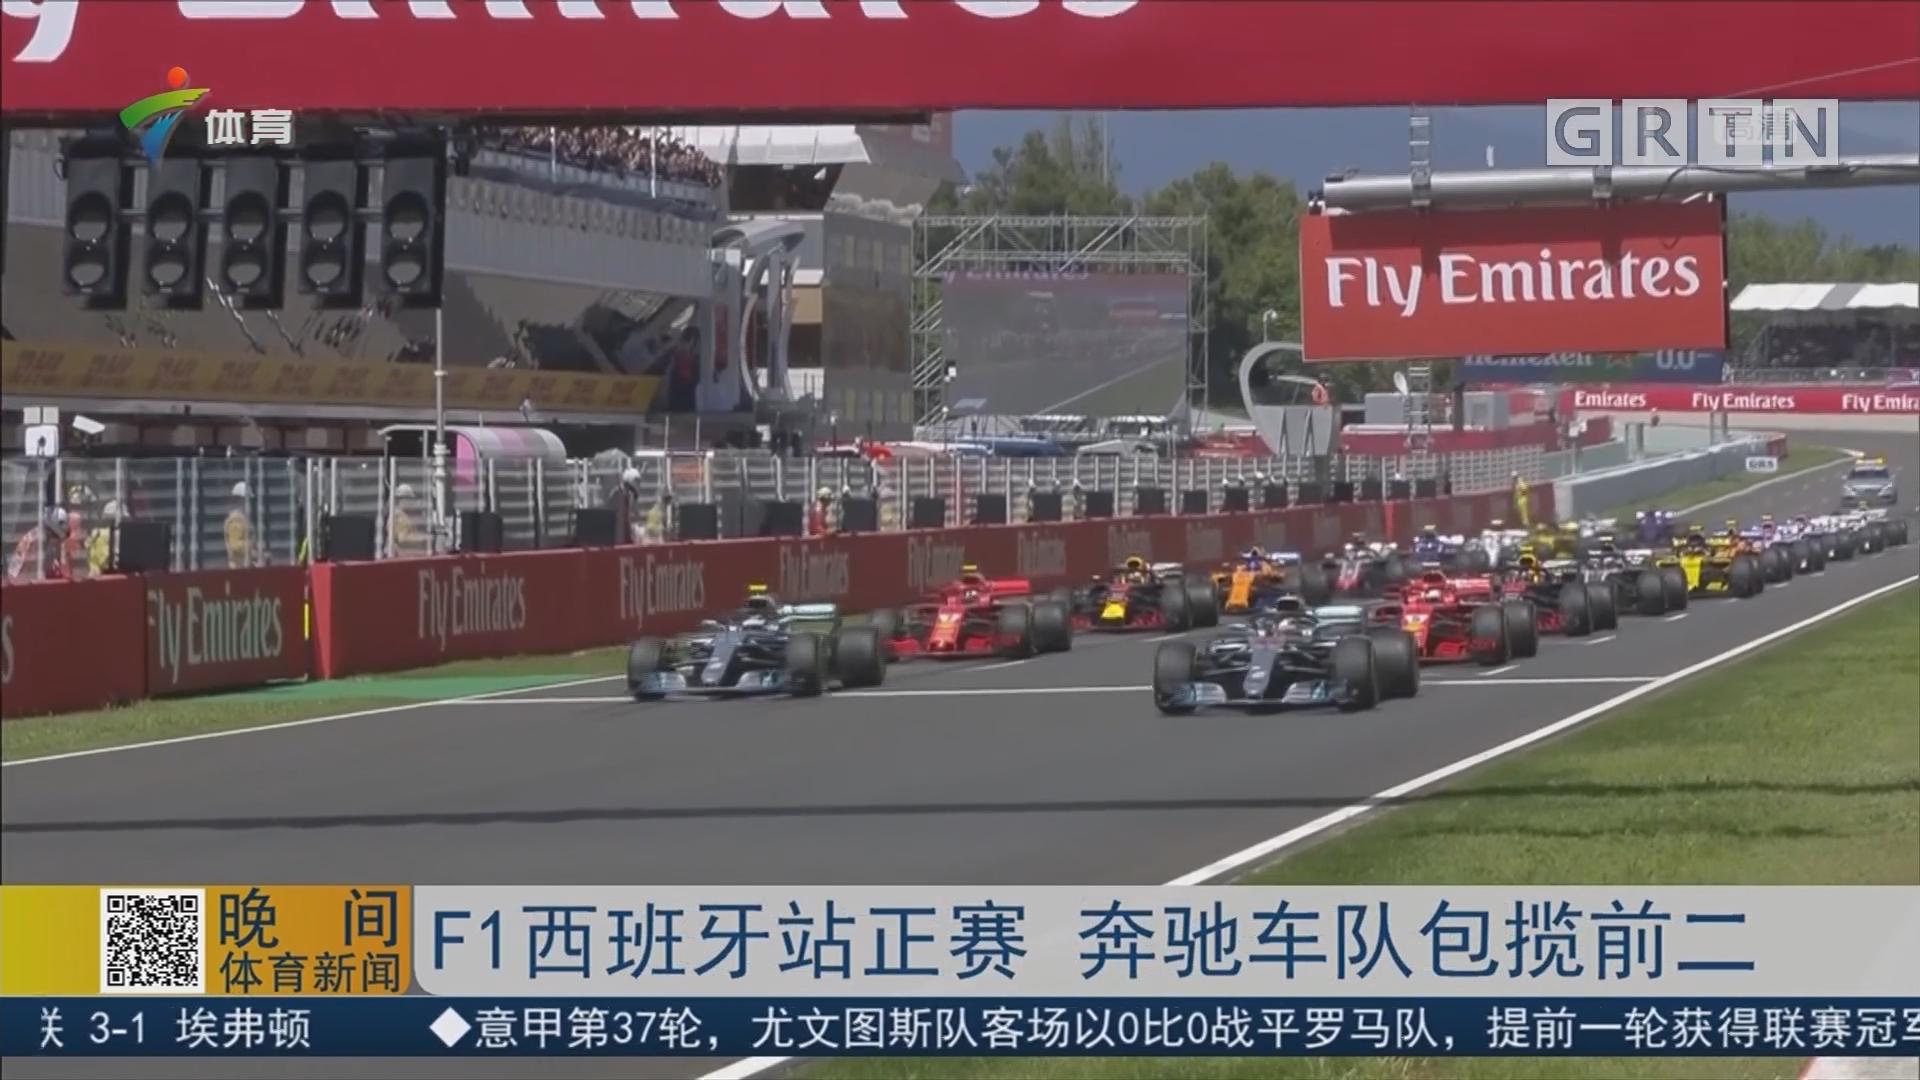 F1西班牙站正赛 奔驰车队包揽前二